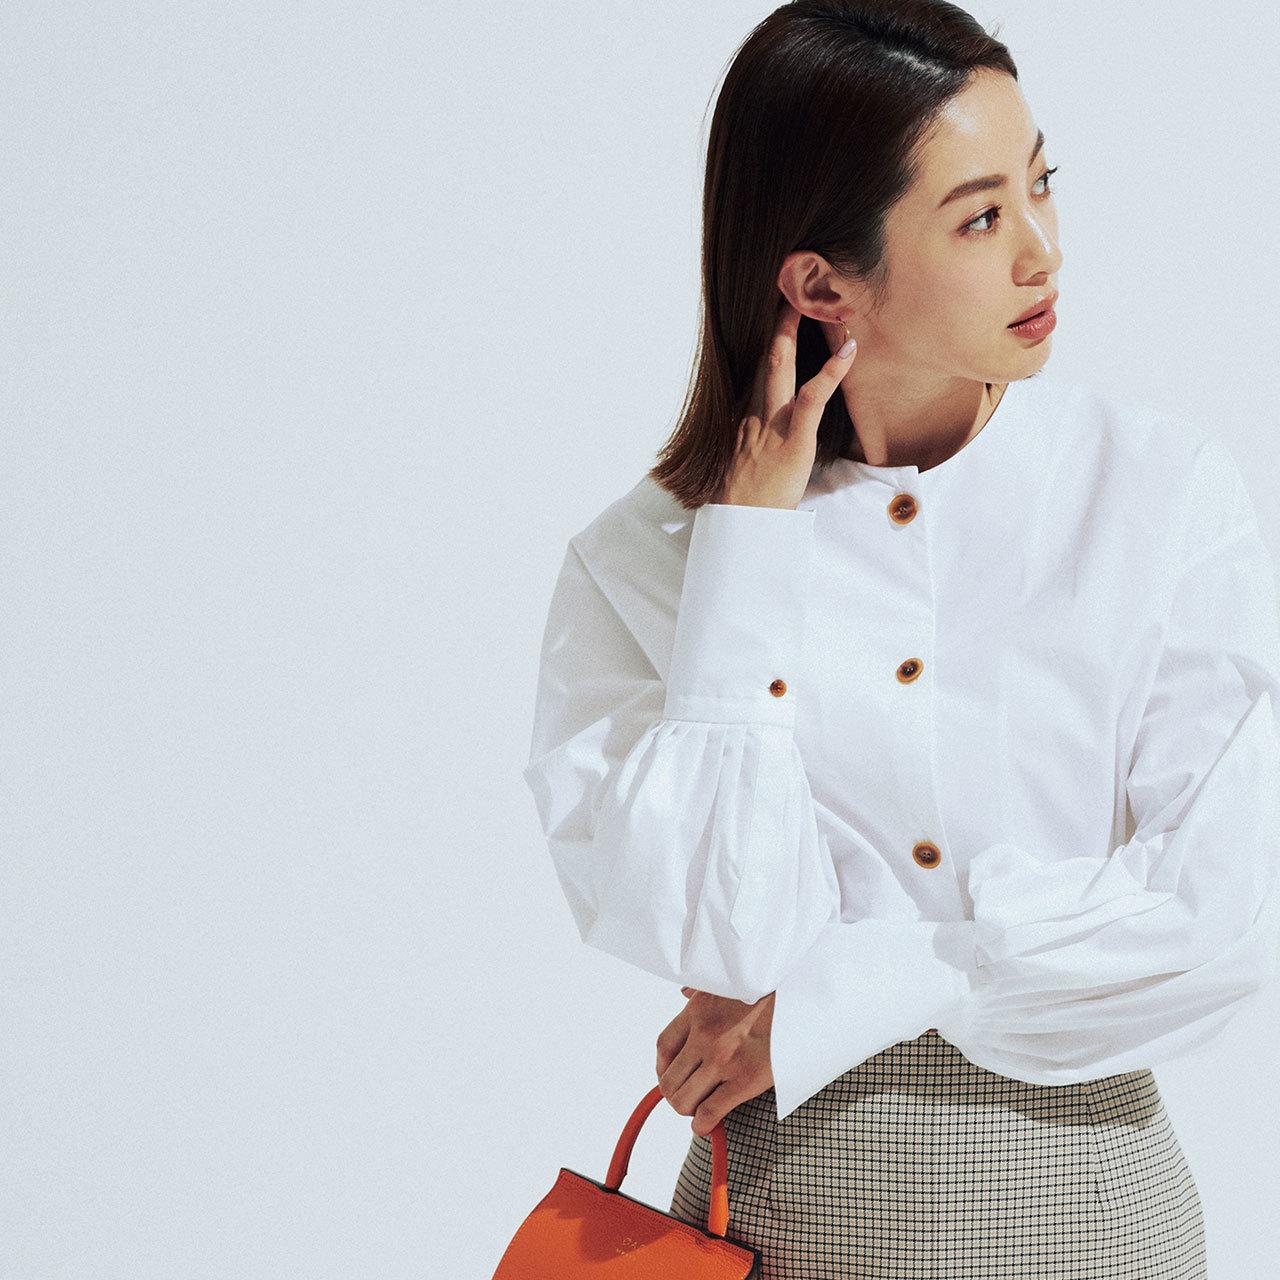 スタイリッシュでも女らしい。ハンサム派のための「ボリュームシャツ」_1_1-2